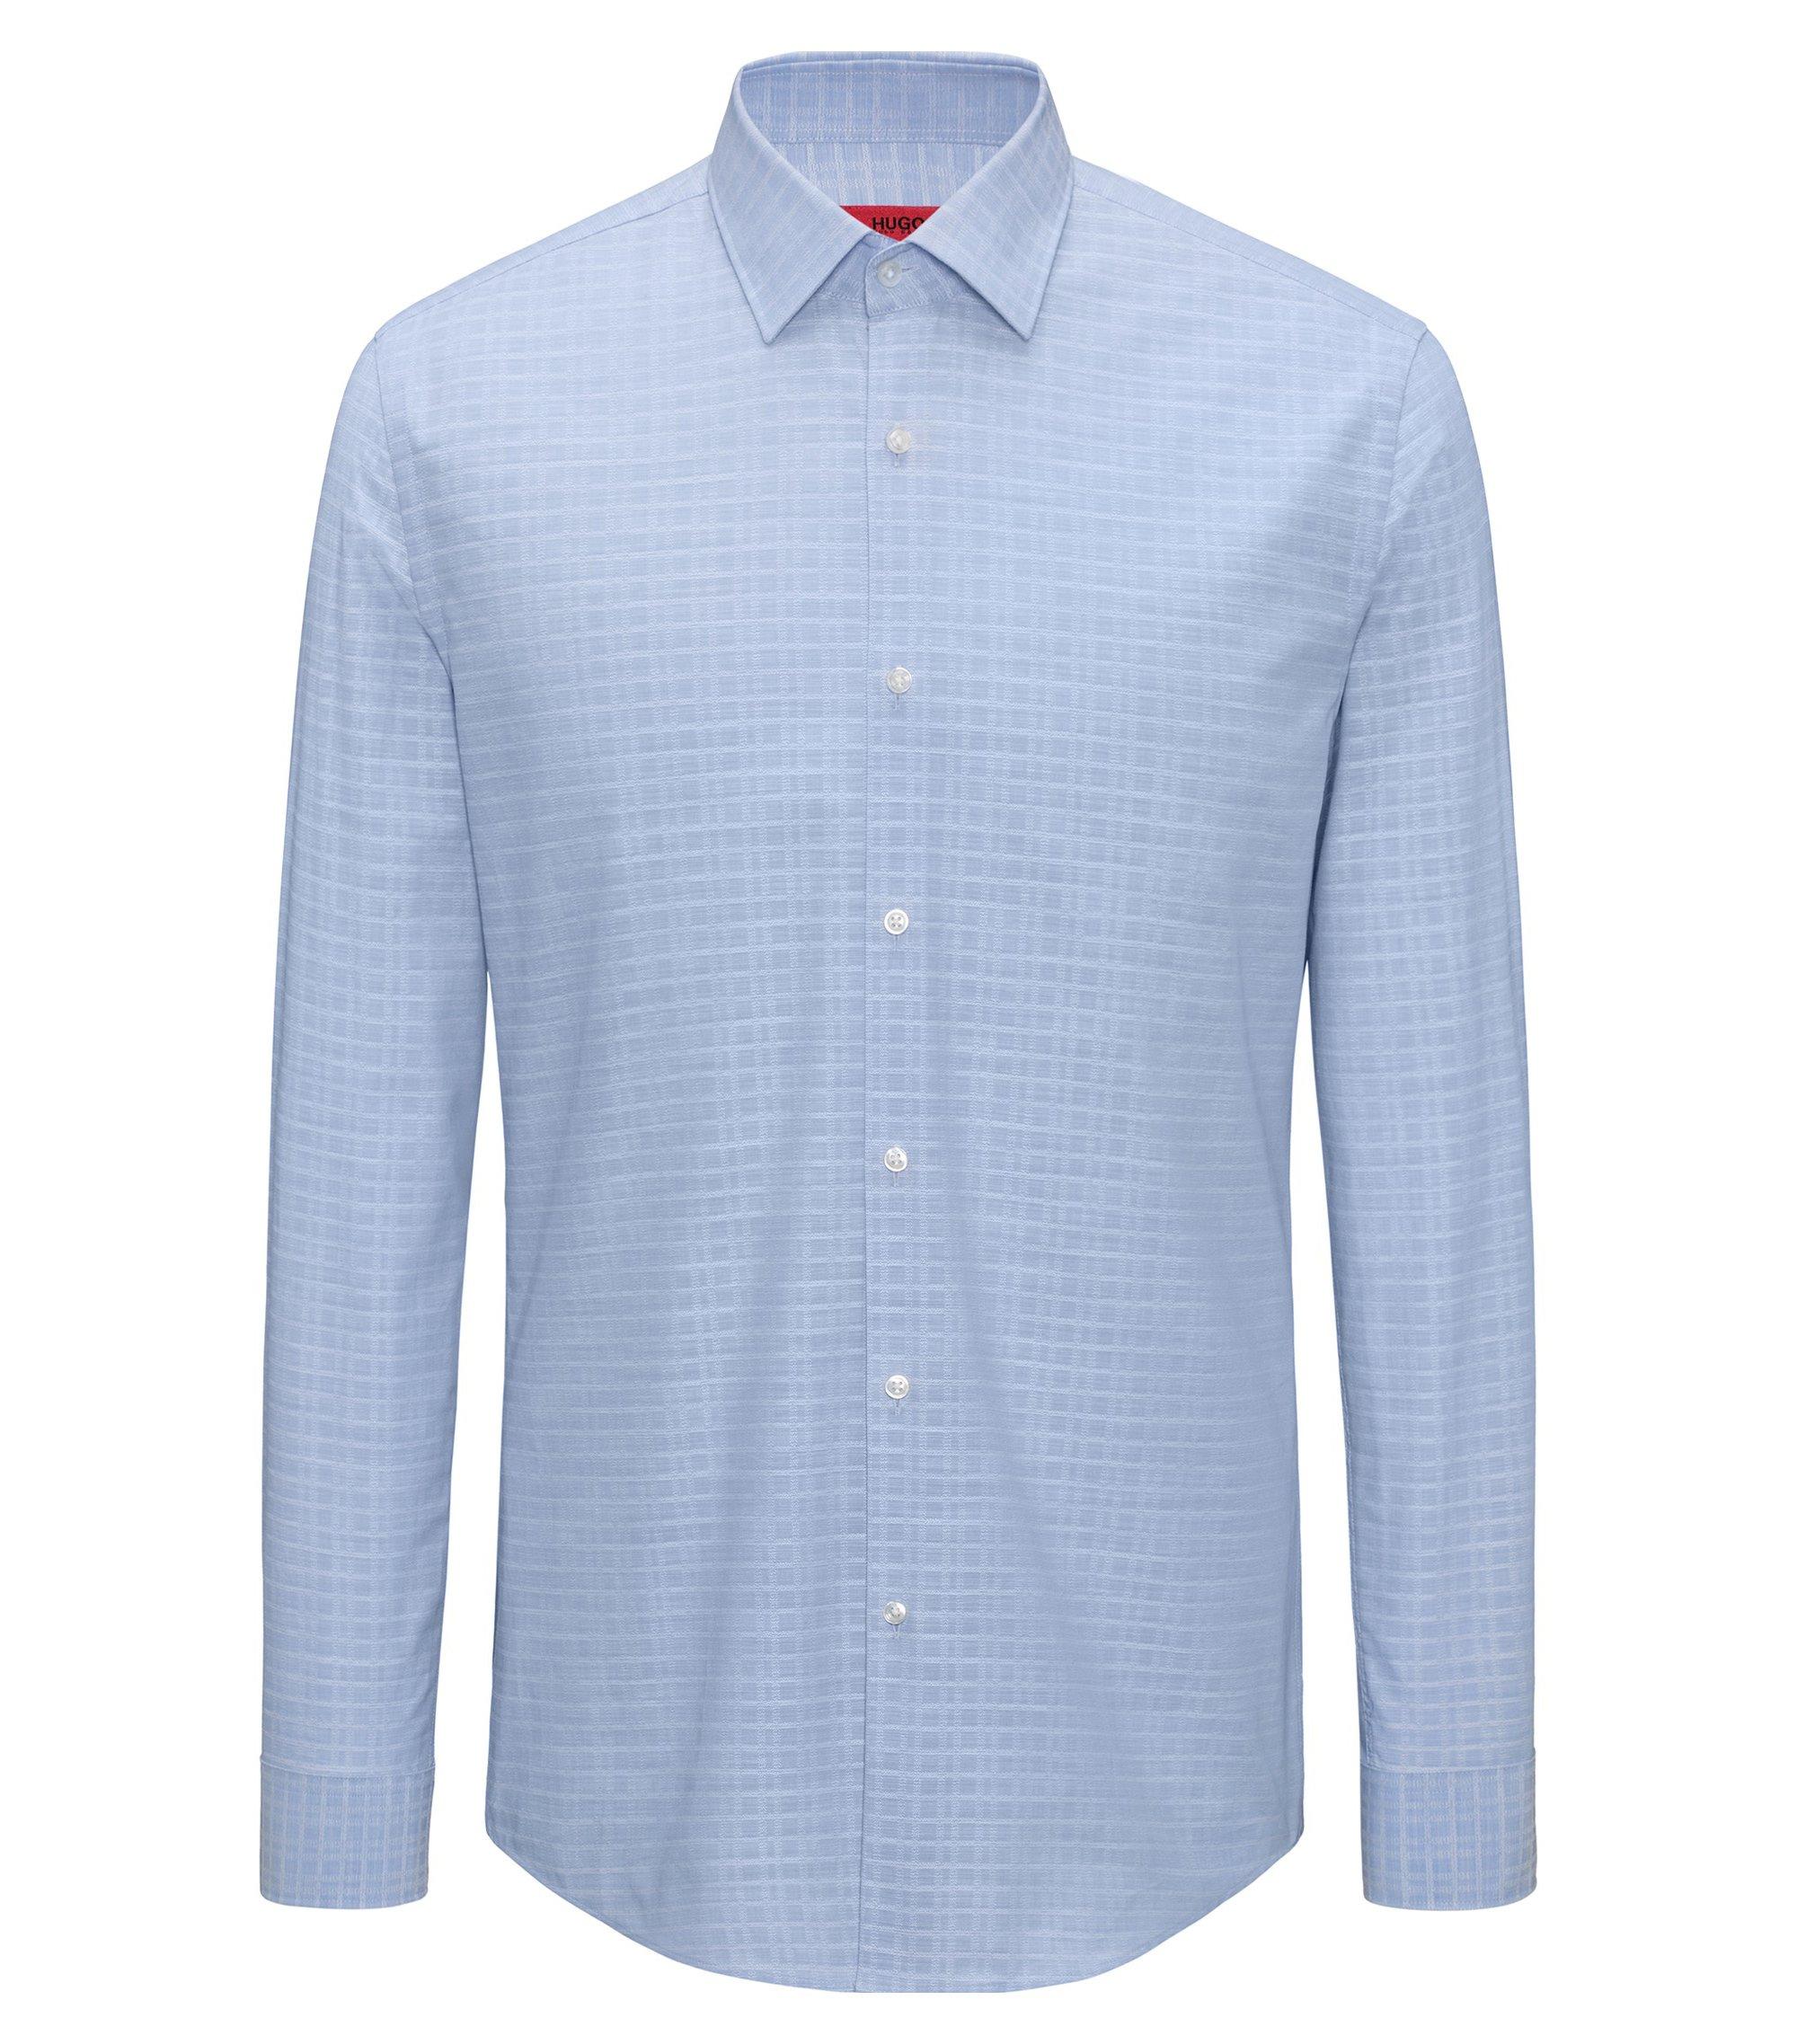 Chemise Slim Fit en coton tissé-teint prince-de-galles, Bleu vif